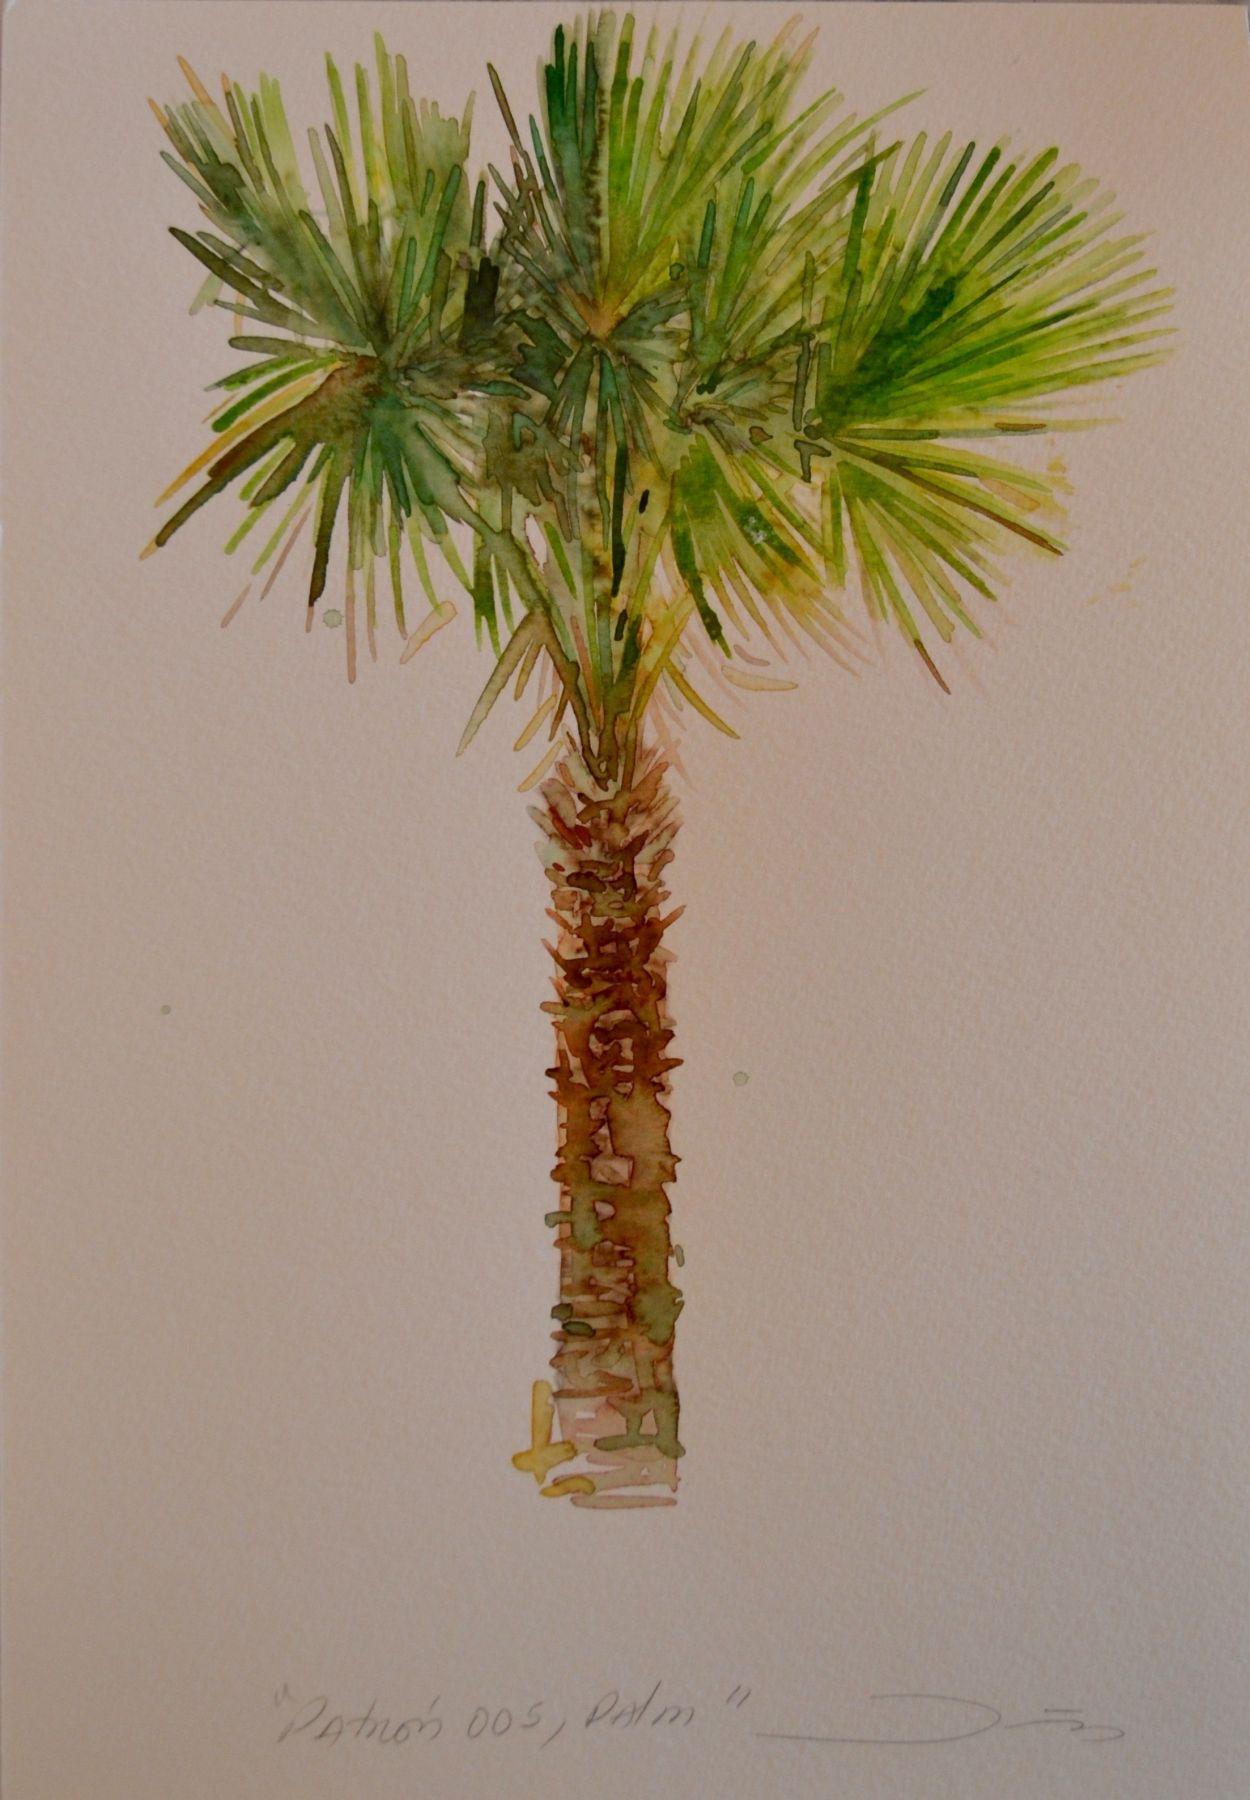 Patrón 005, Palm